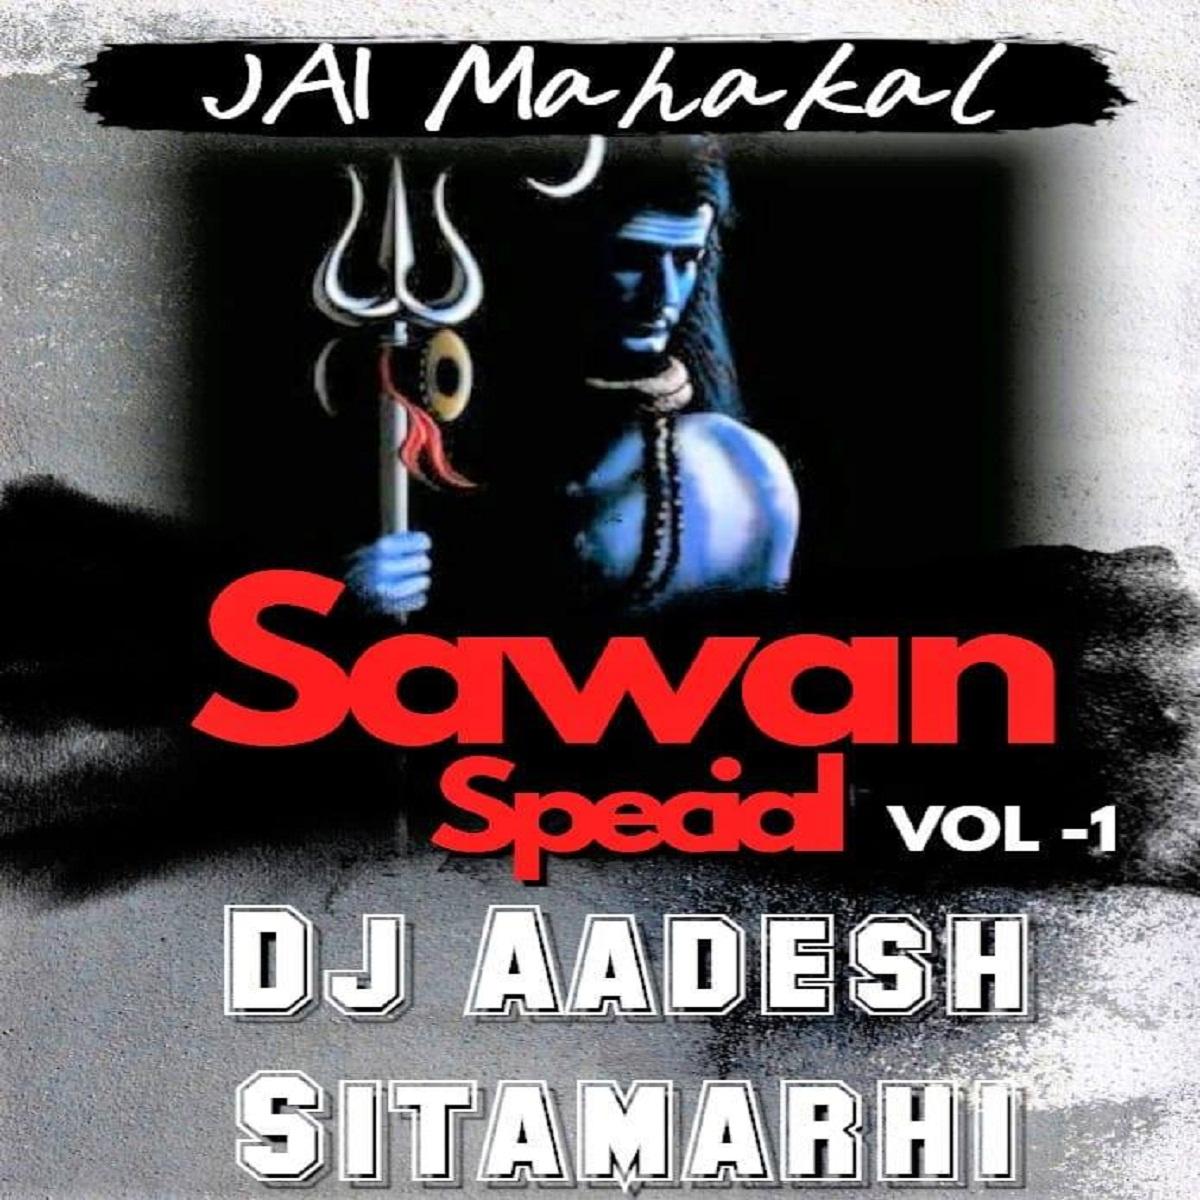 Jai Mahakaal Sawan Special Vol.01 - DJ Aadesh Sitamarhi